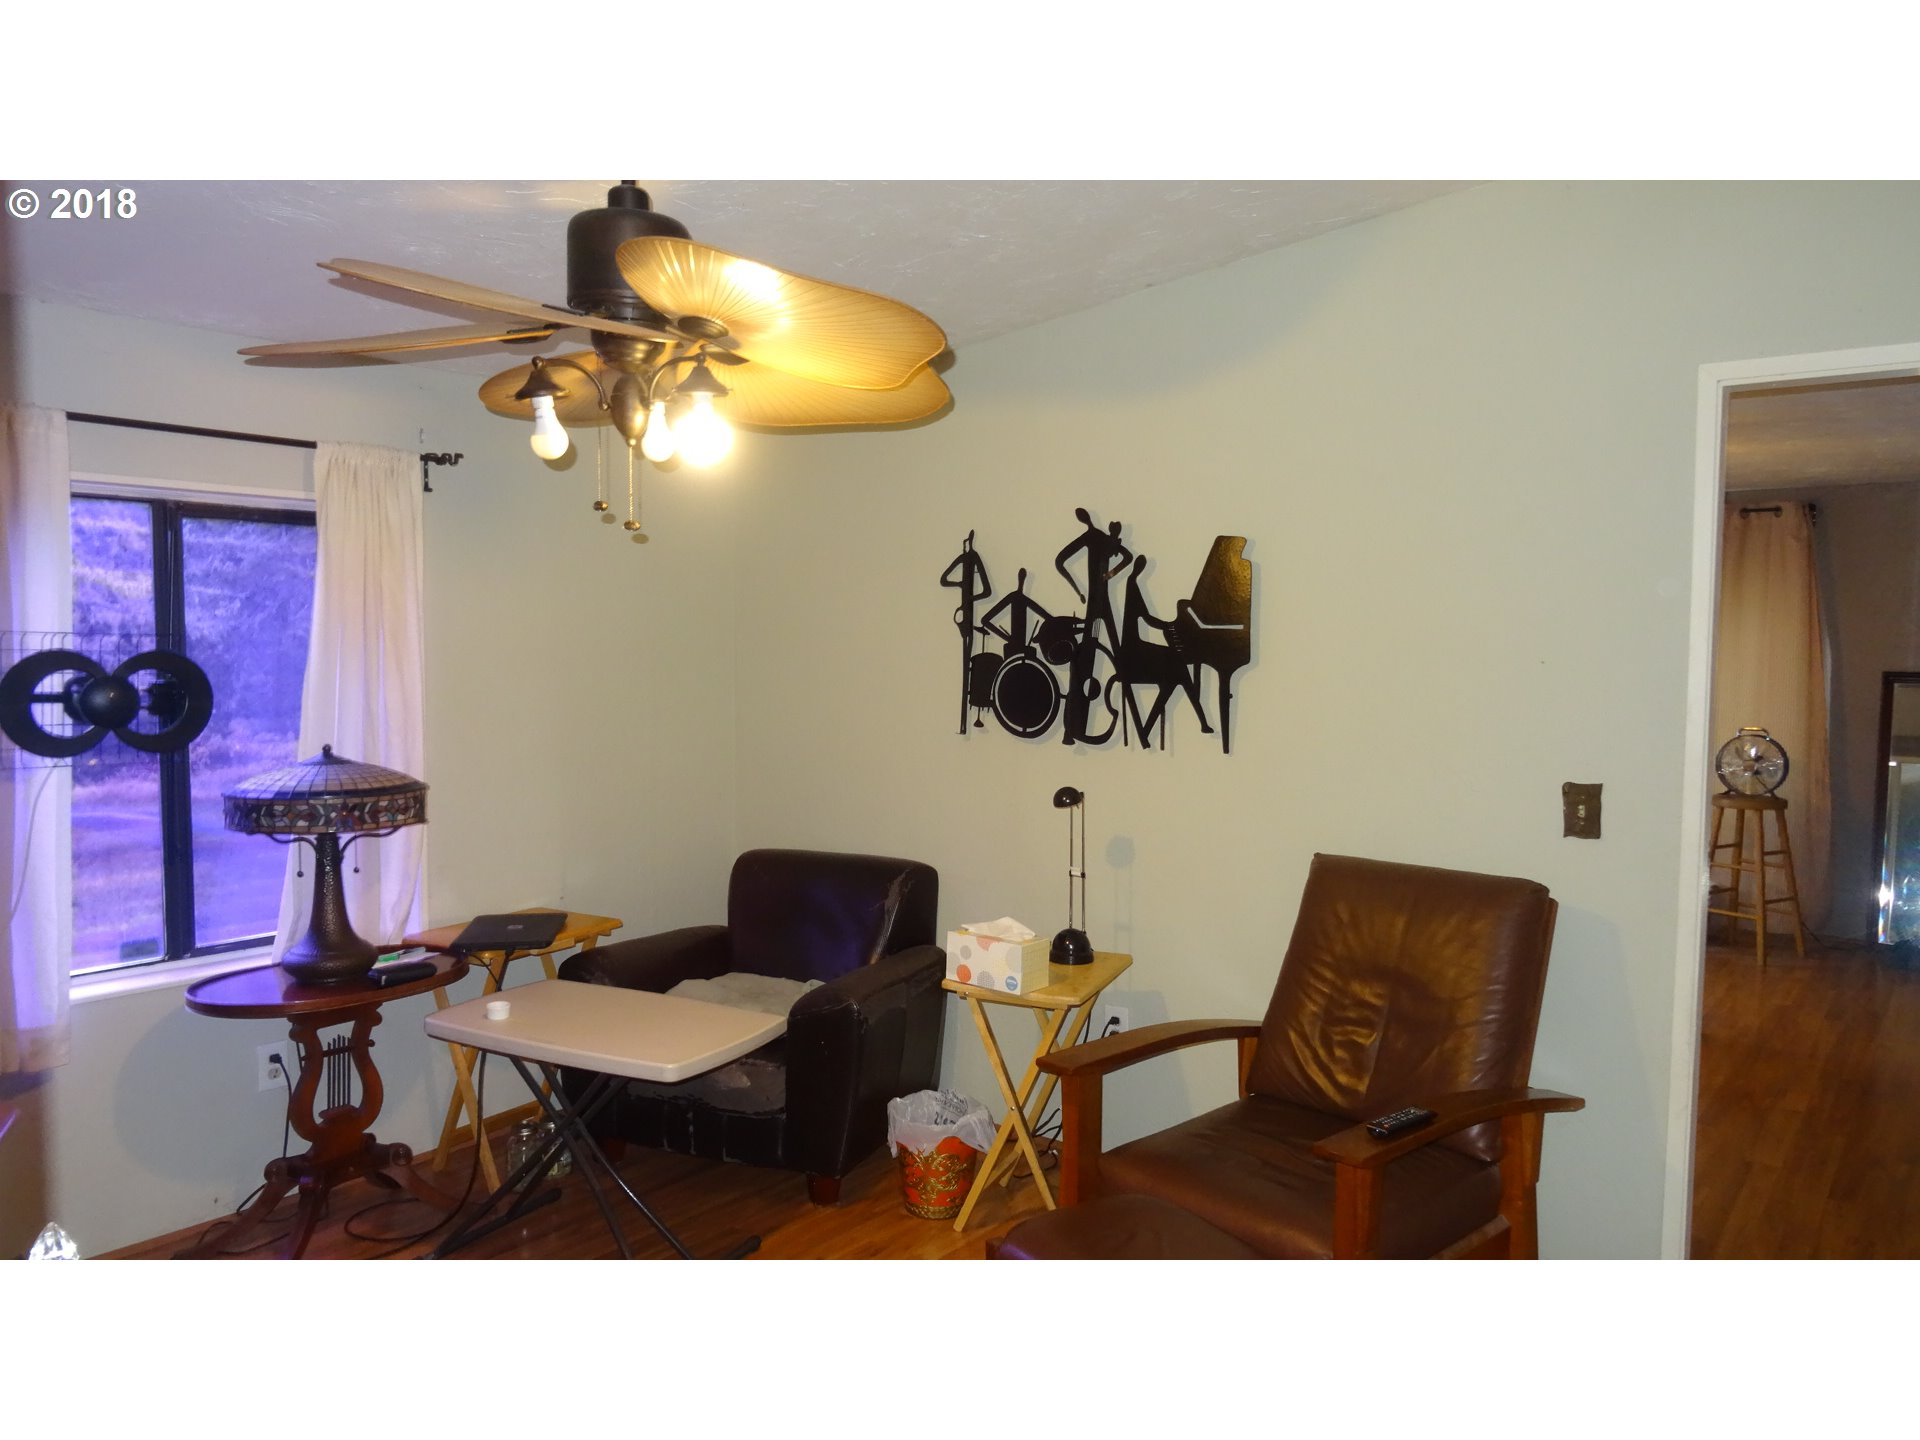 2059 DOERNER RD Roseburg, OR 97471 - MLS #: 18525916